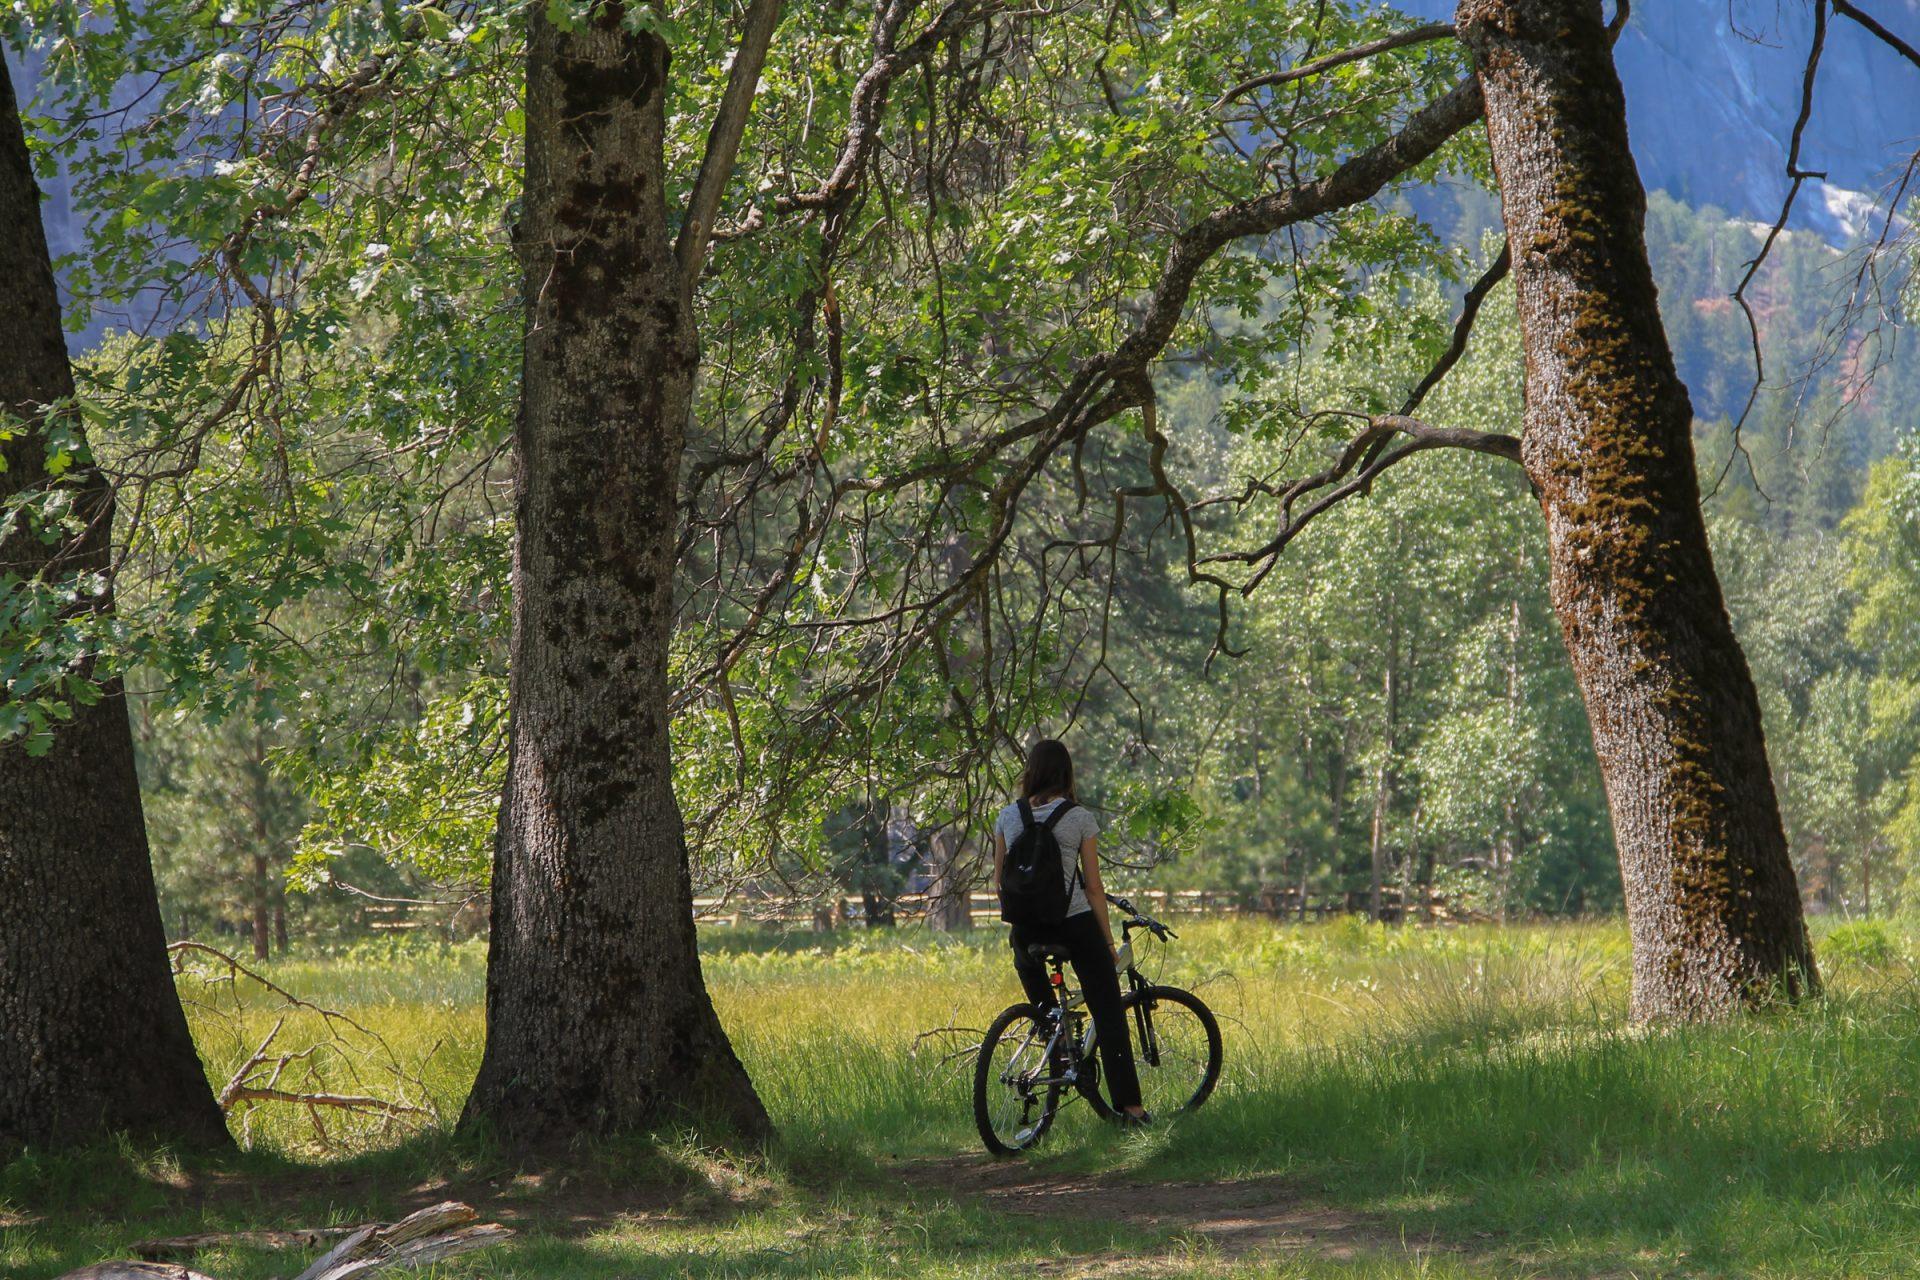 Woman on Bike in Field by Trees